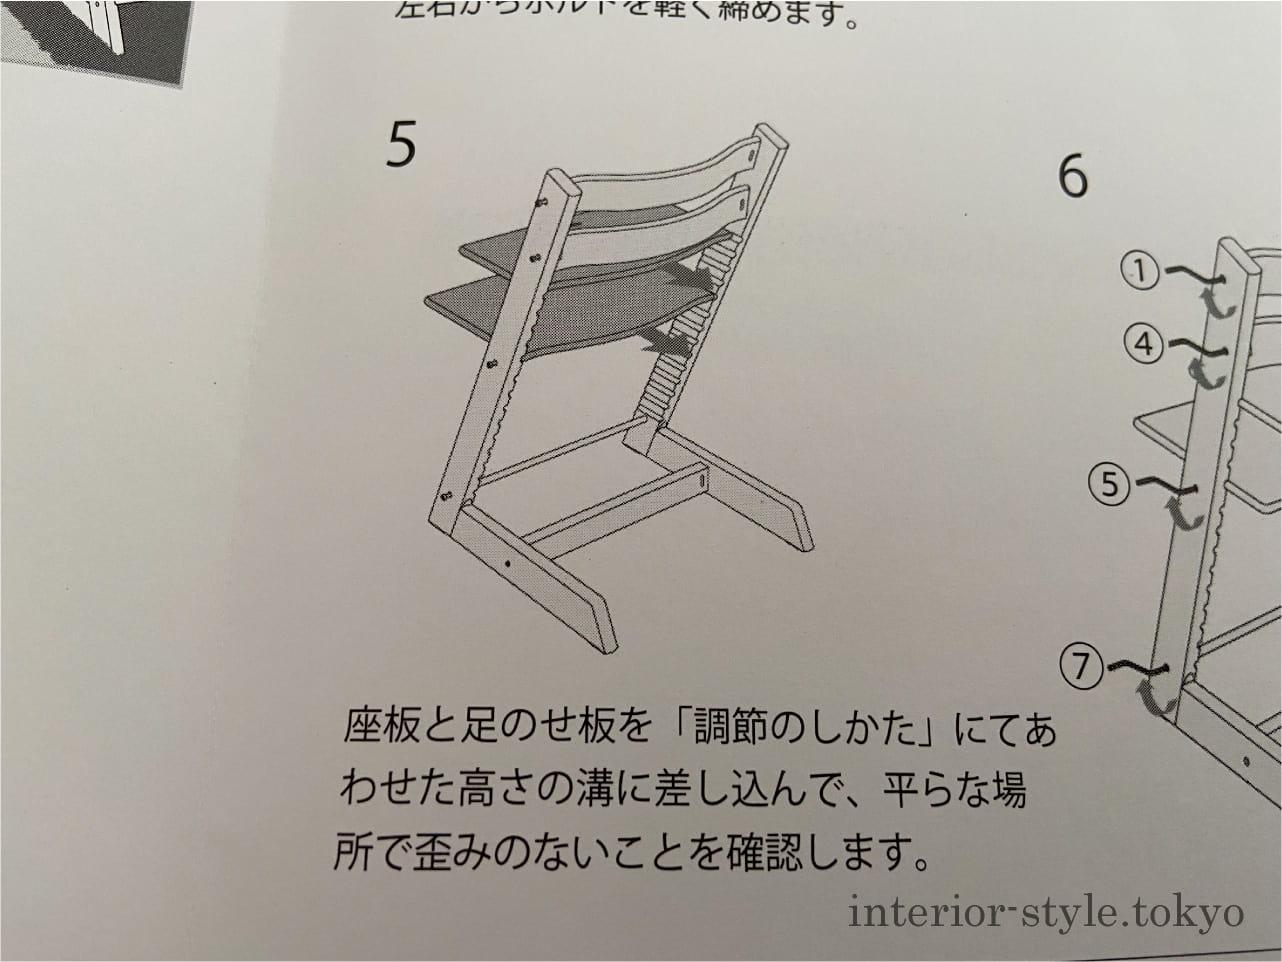 説明書の組立て手順5